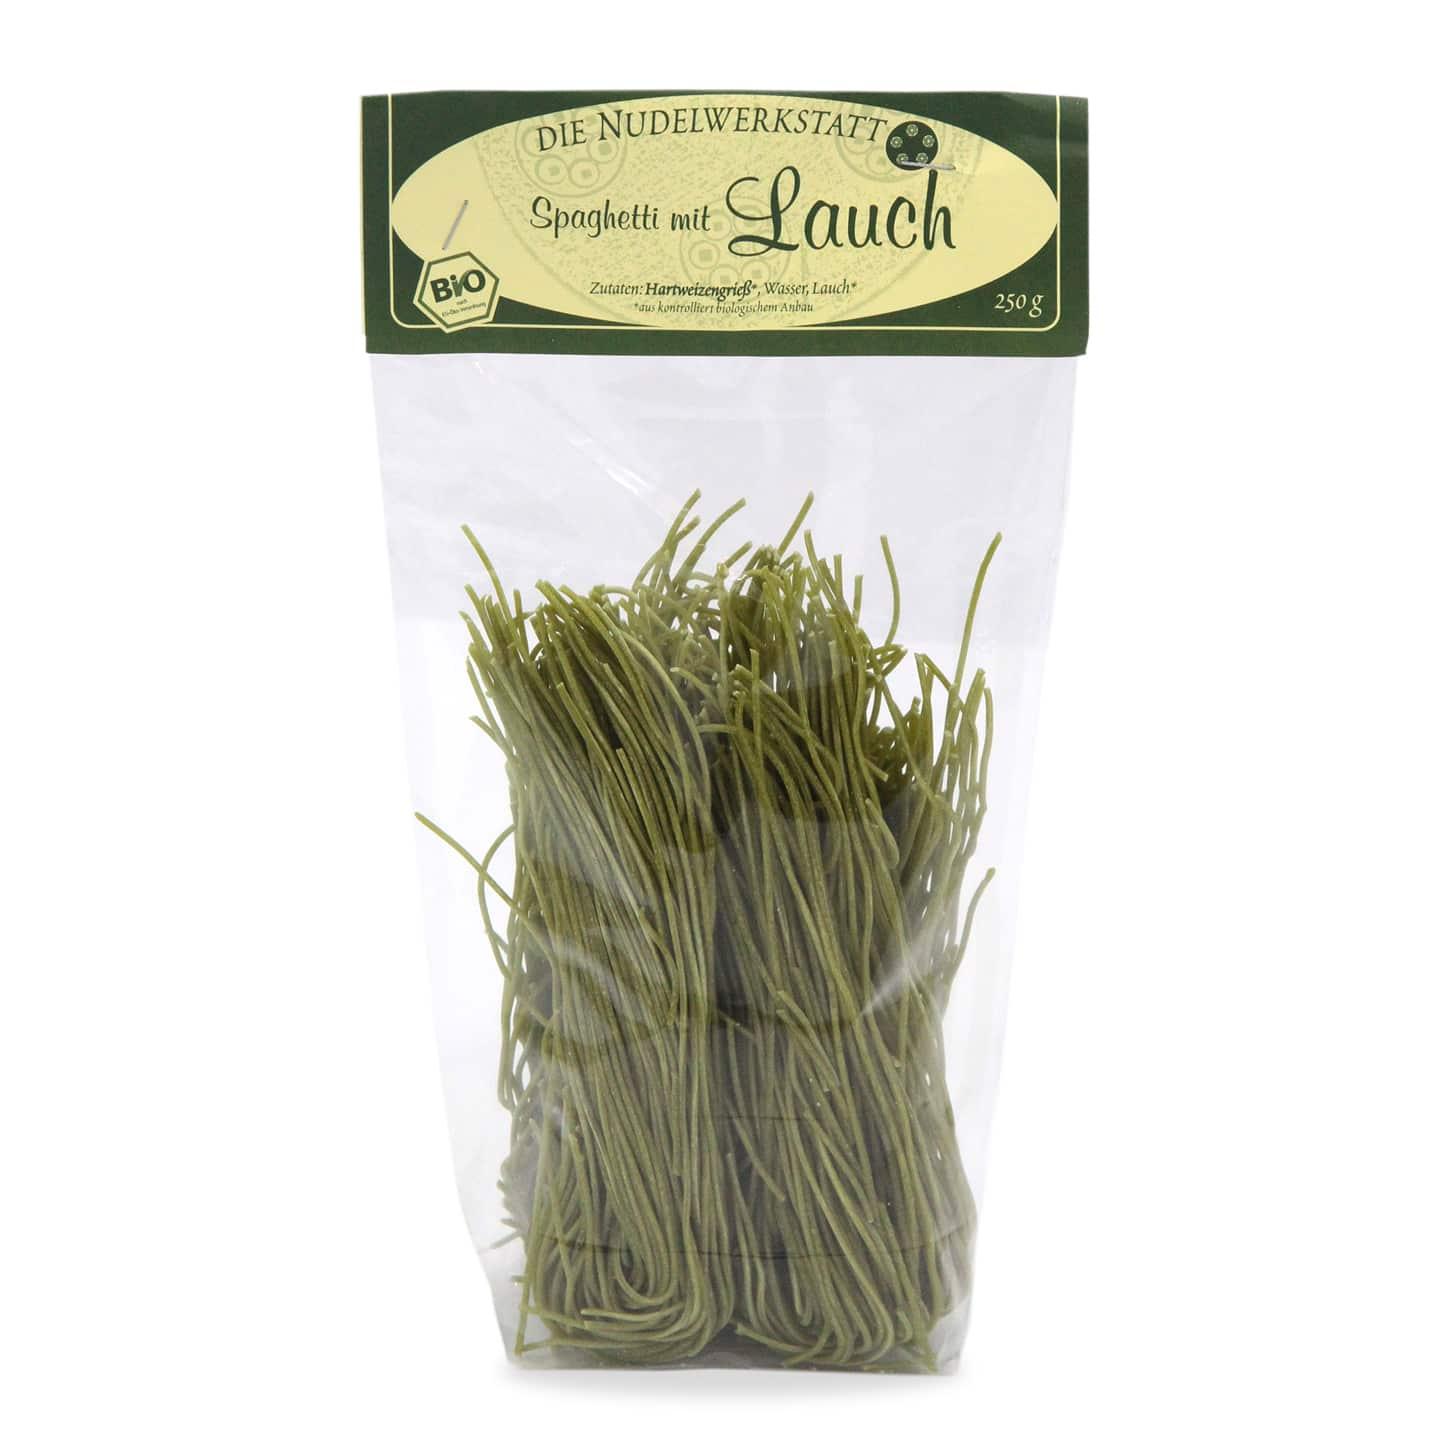 Spaghetti Lauch 250g